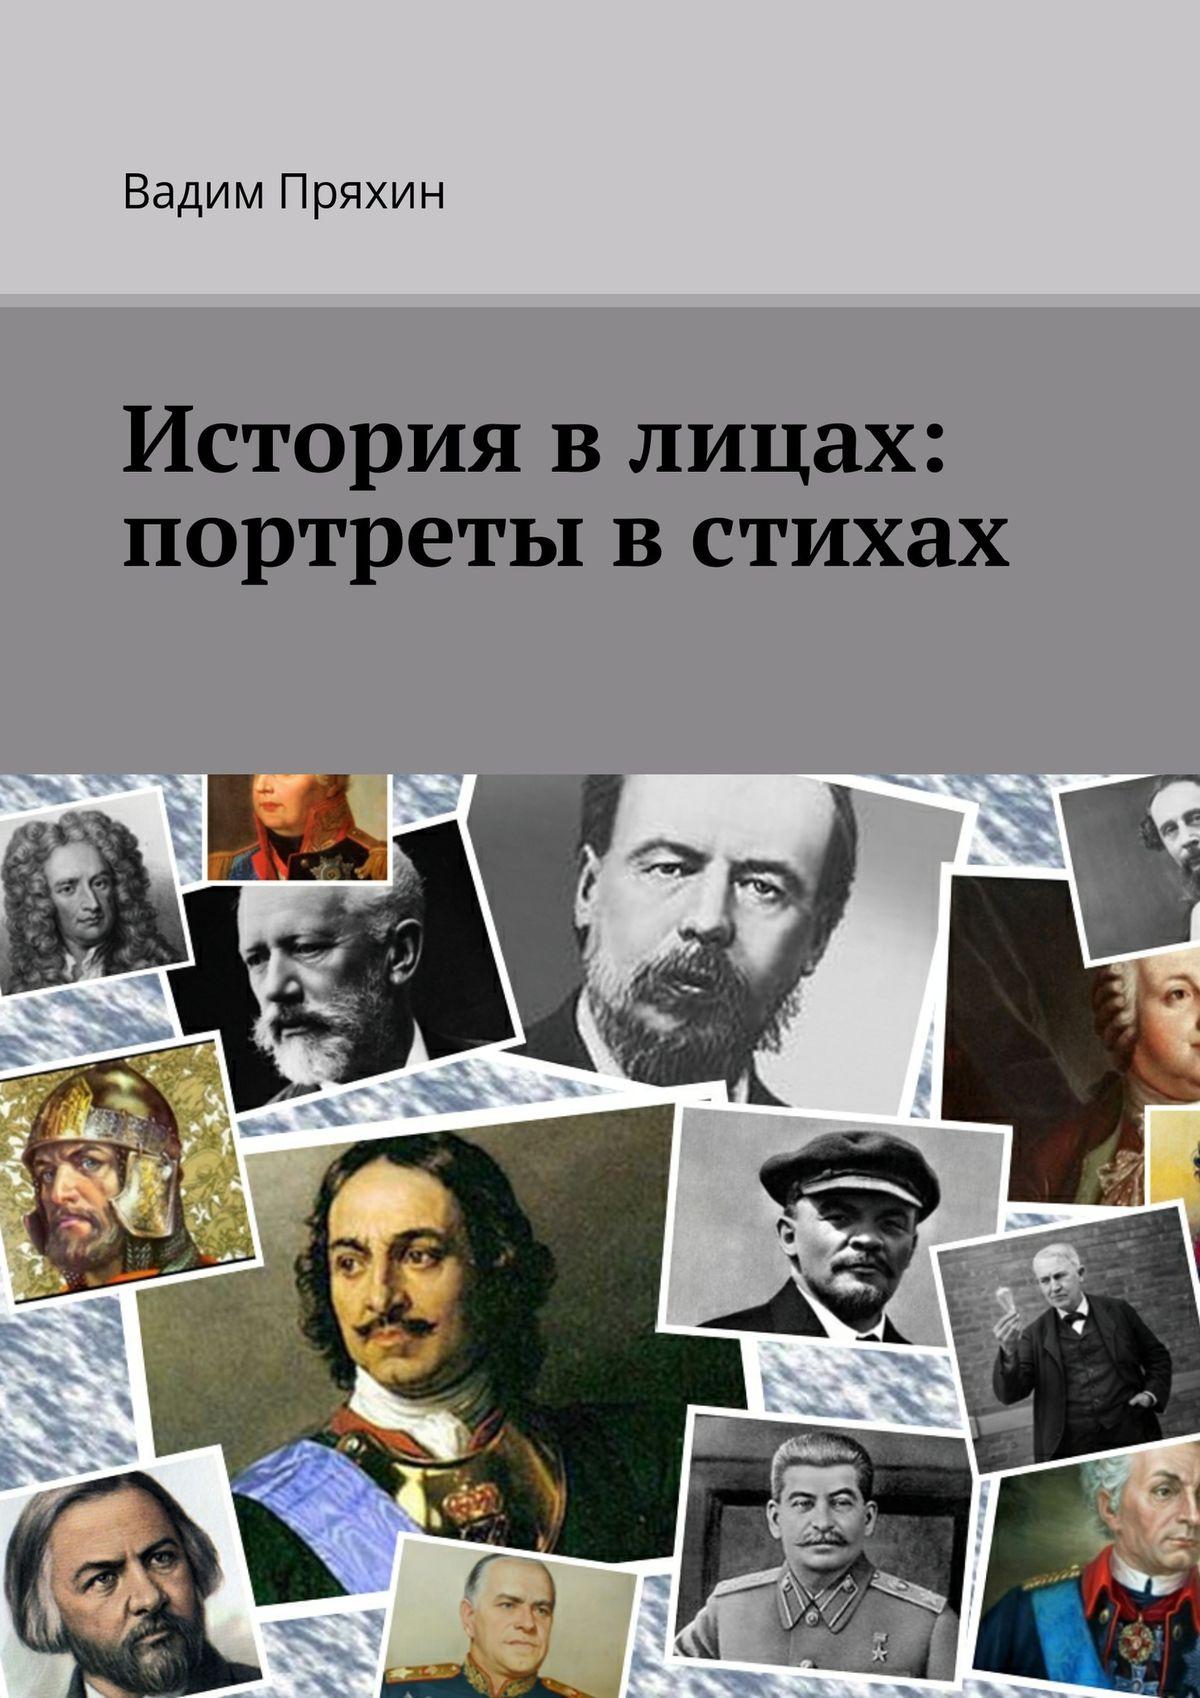 История в лицах: портреты в стихах